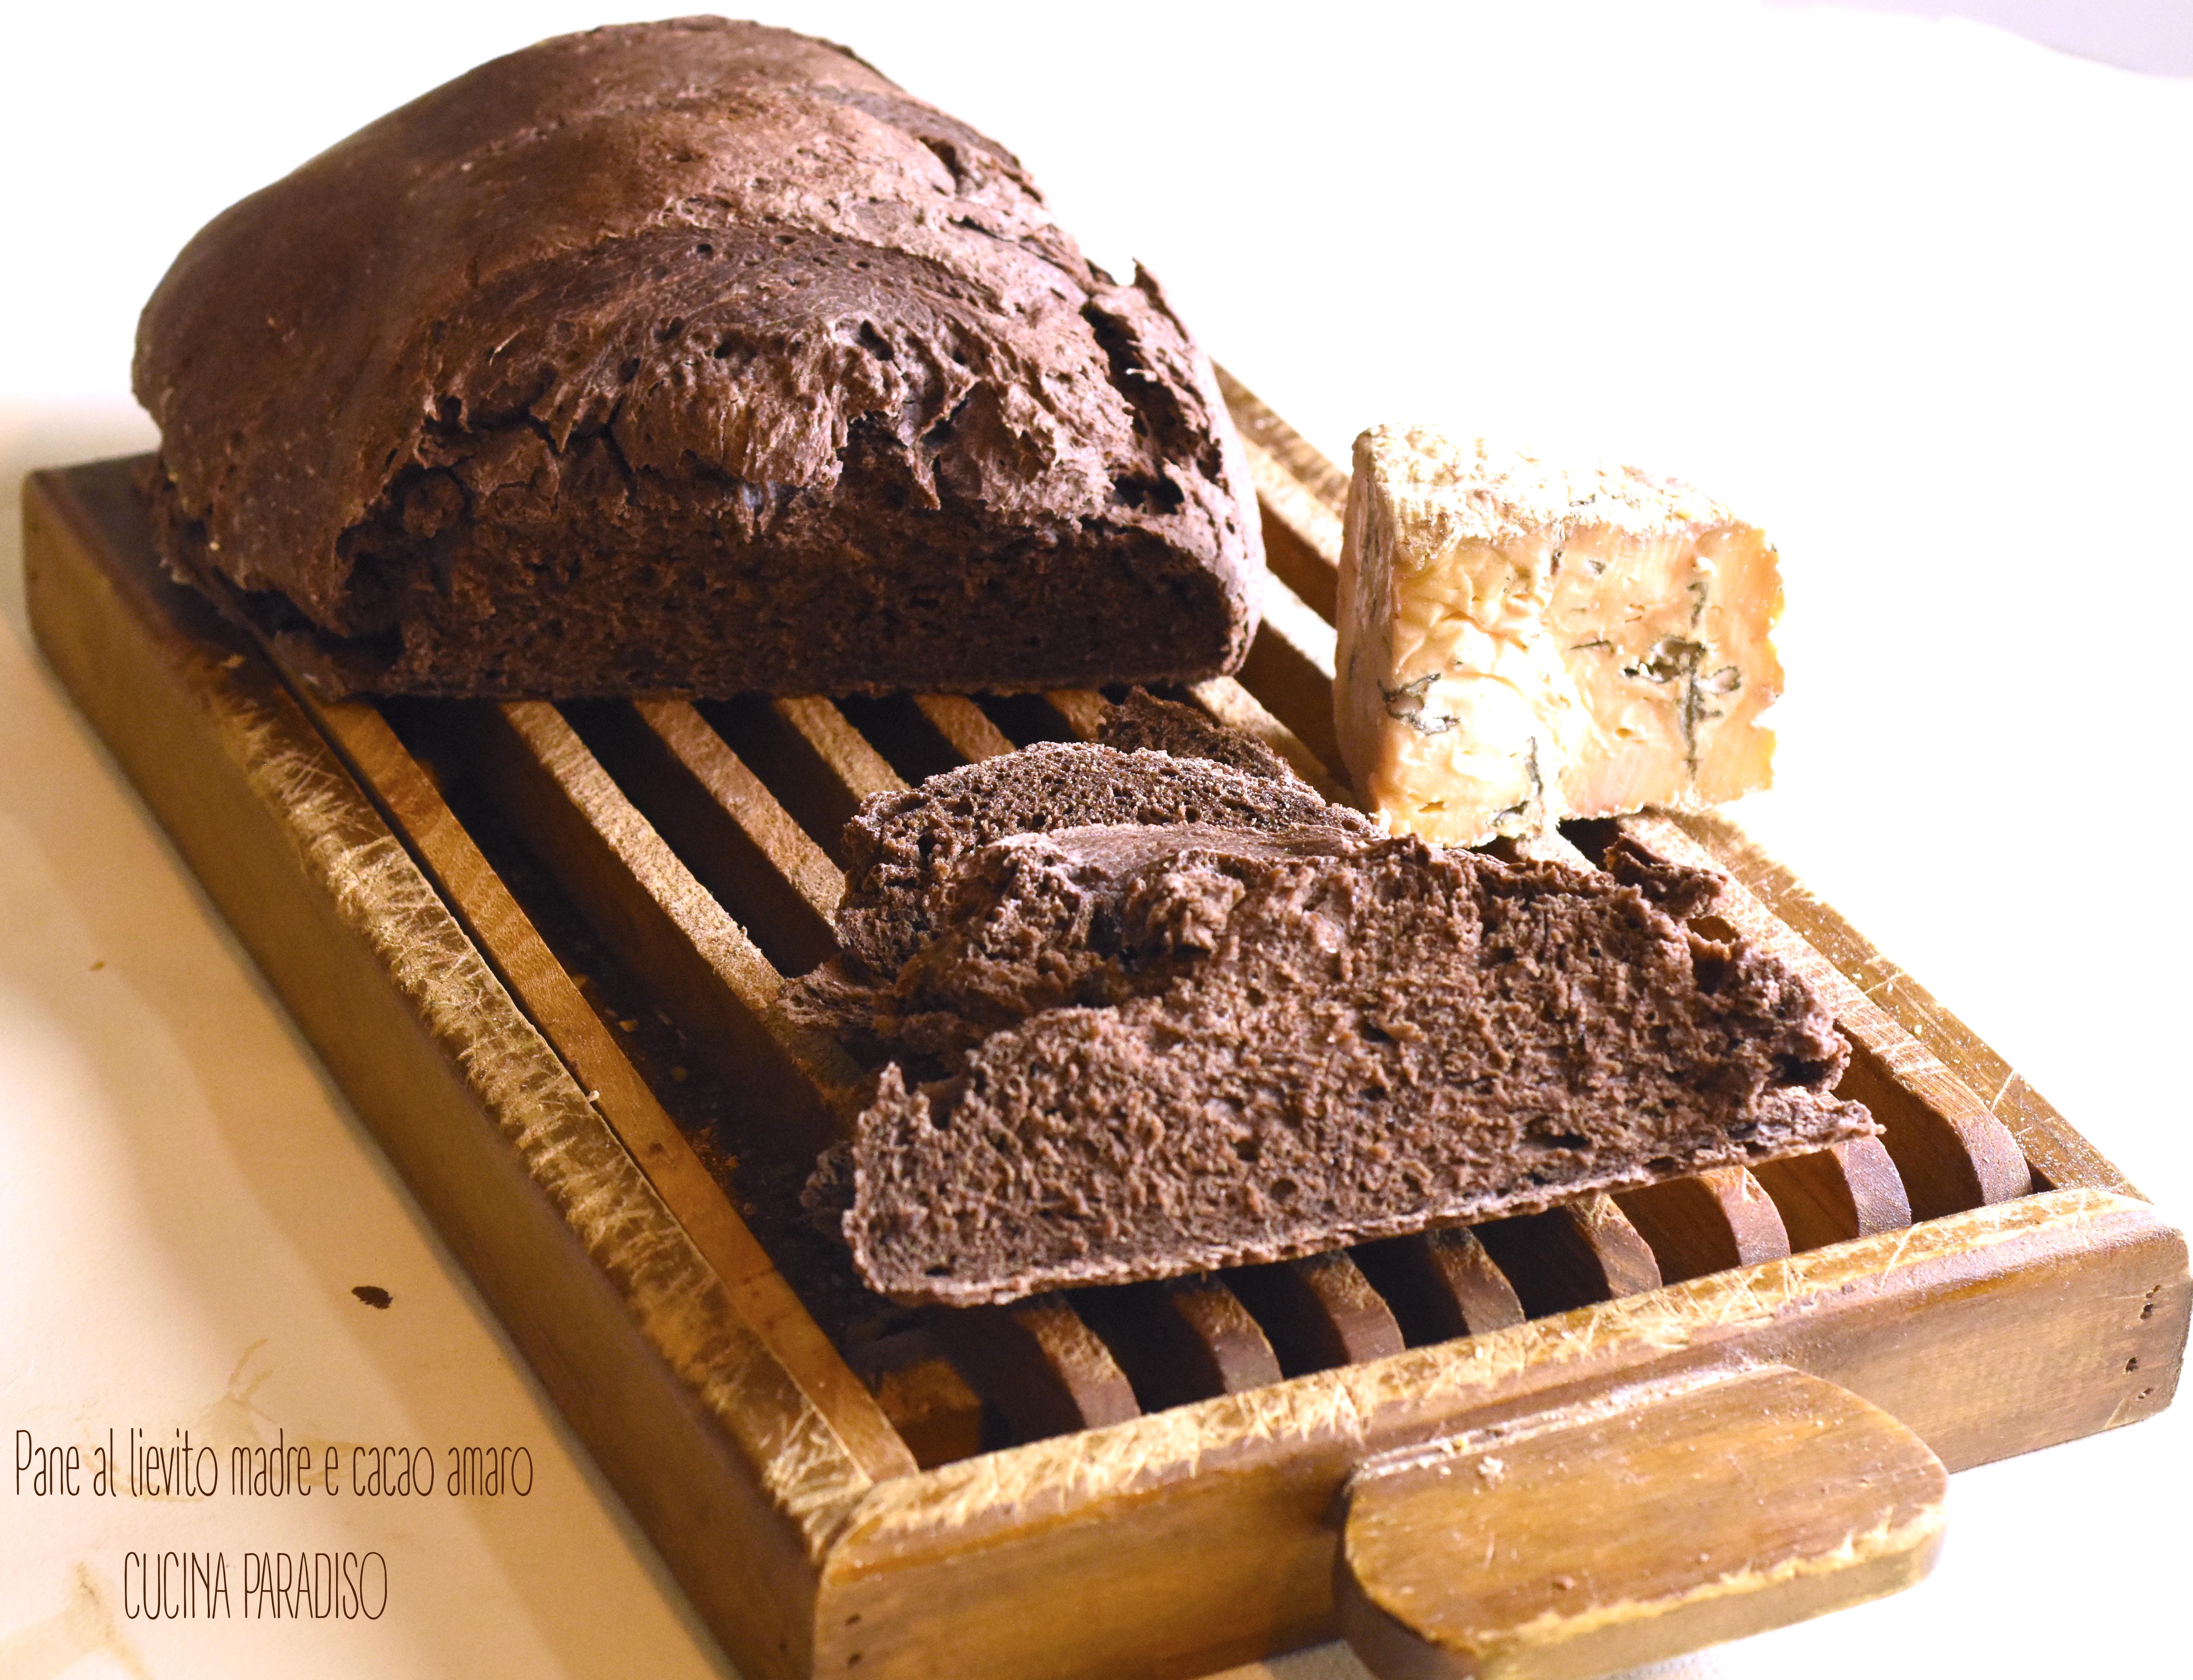 Pane al lievito madre e cacao amaro3